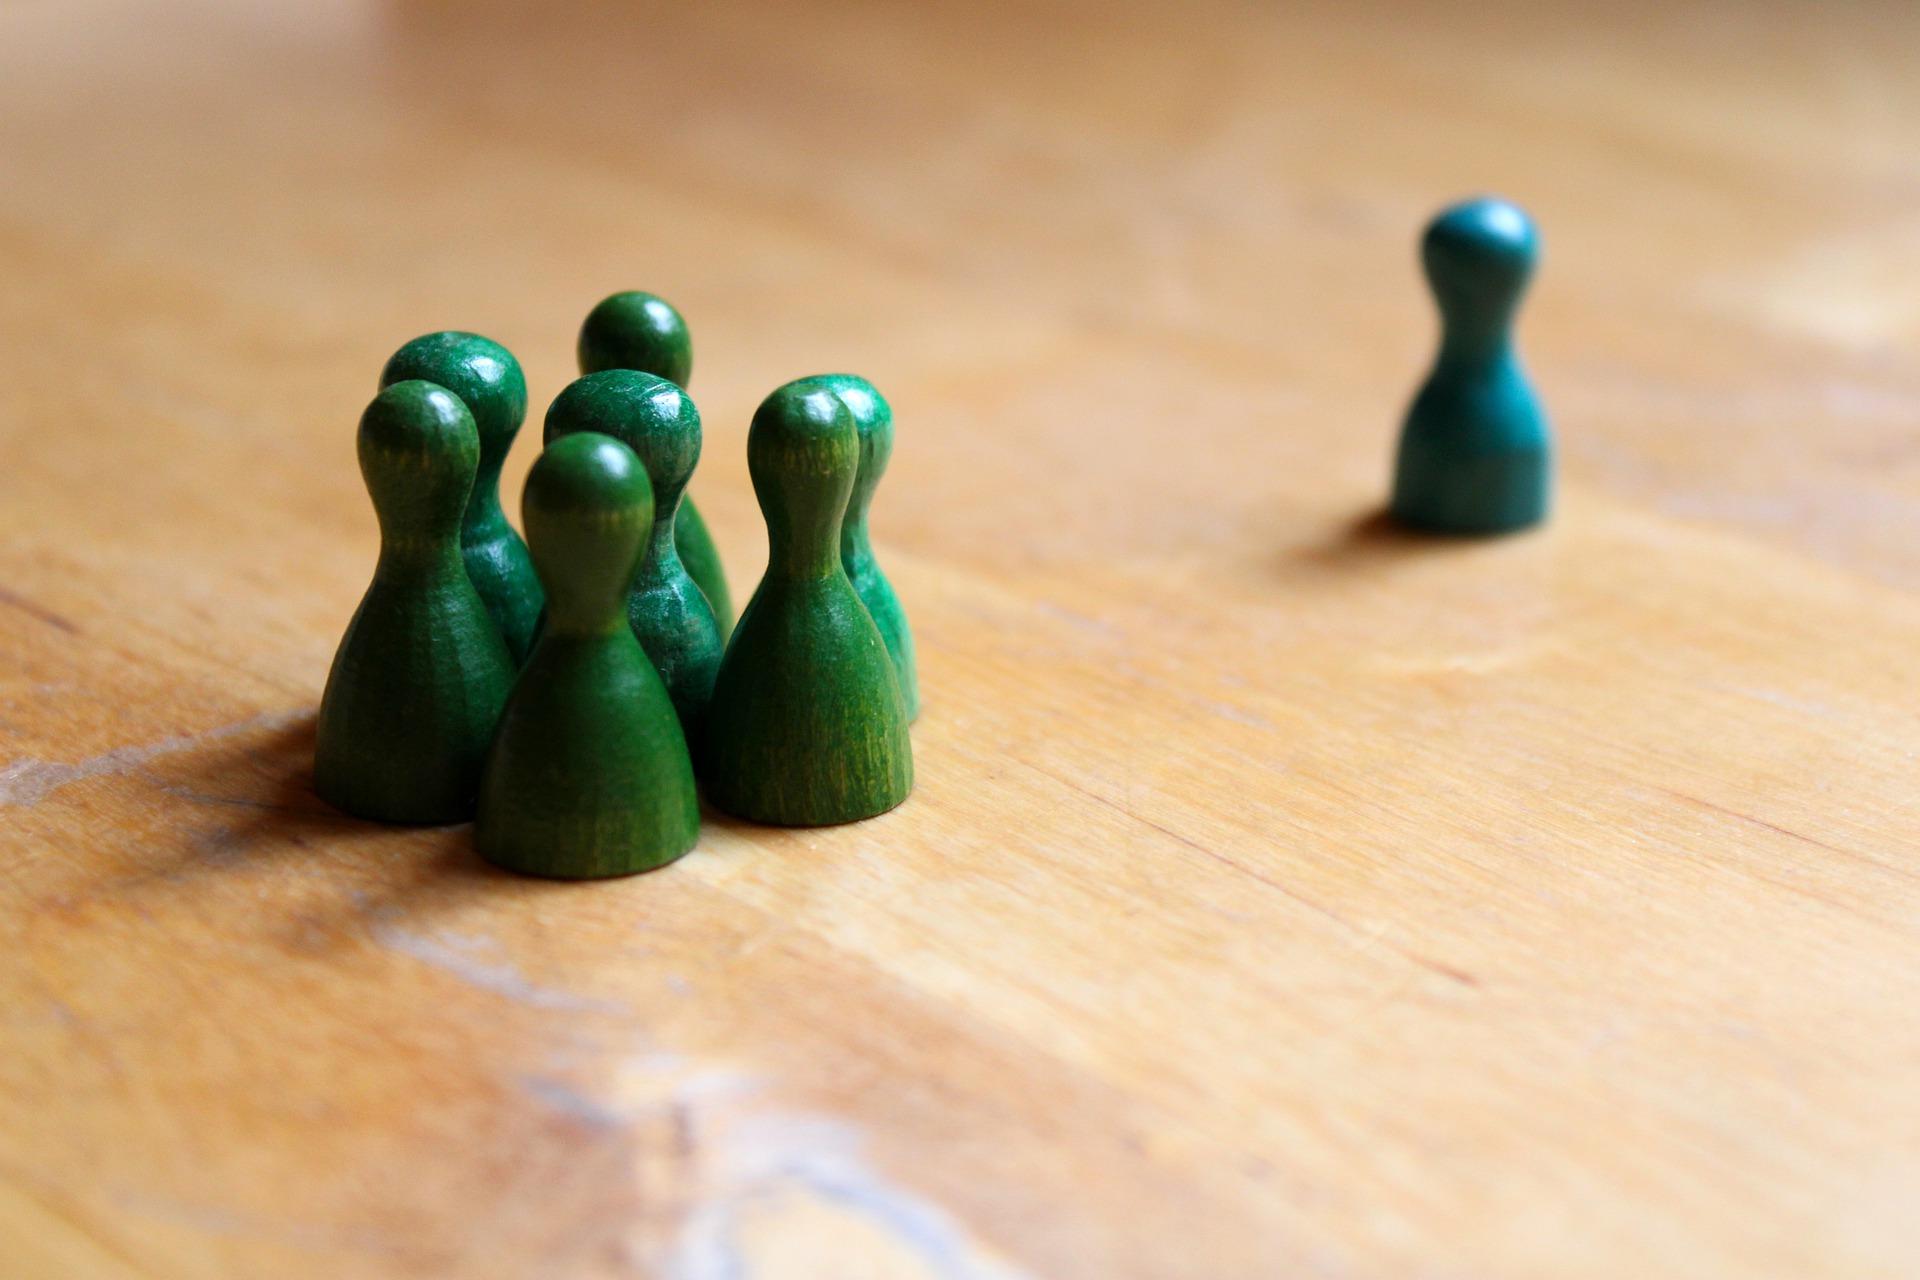 人型の木の駒が6体の集団と孤立した1体に分かれている。